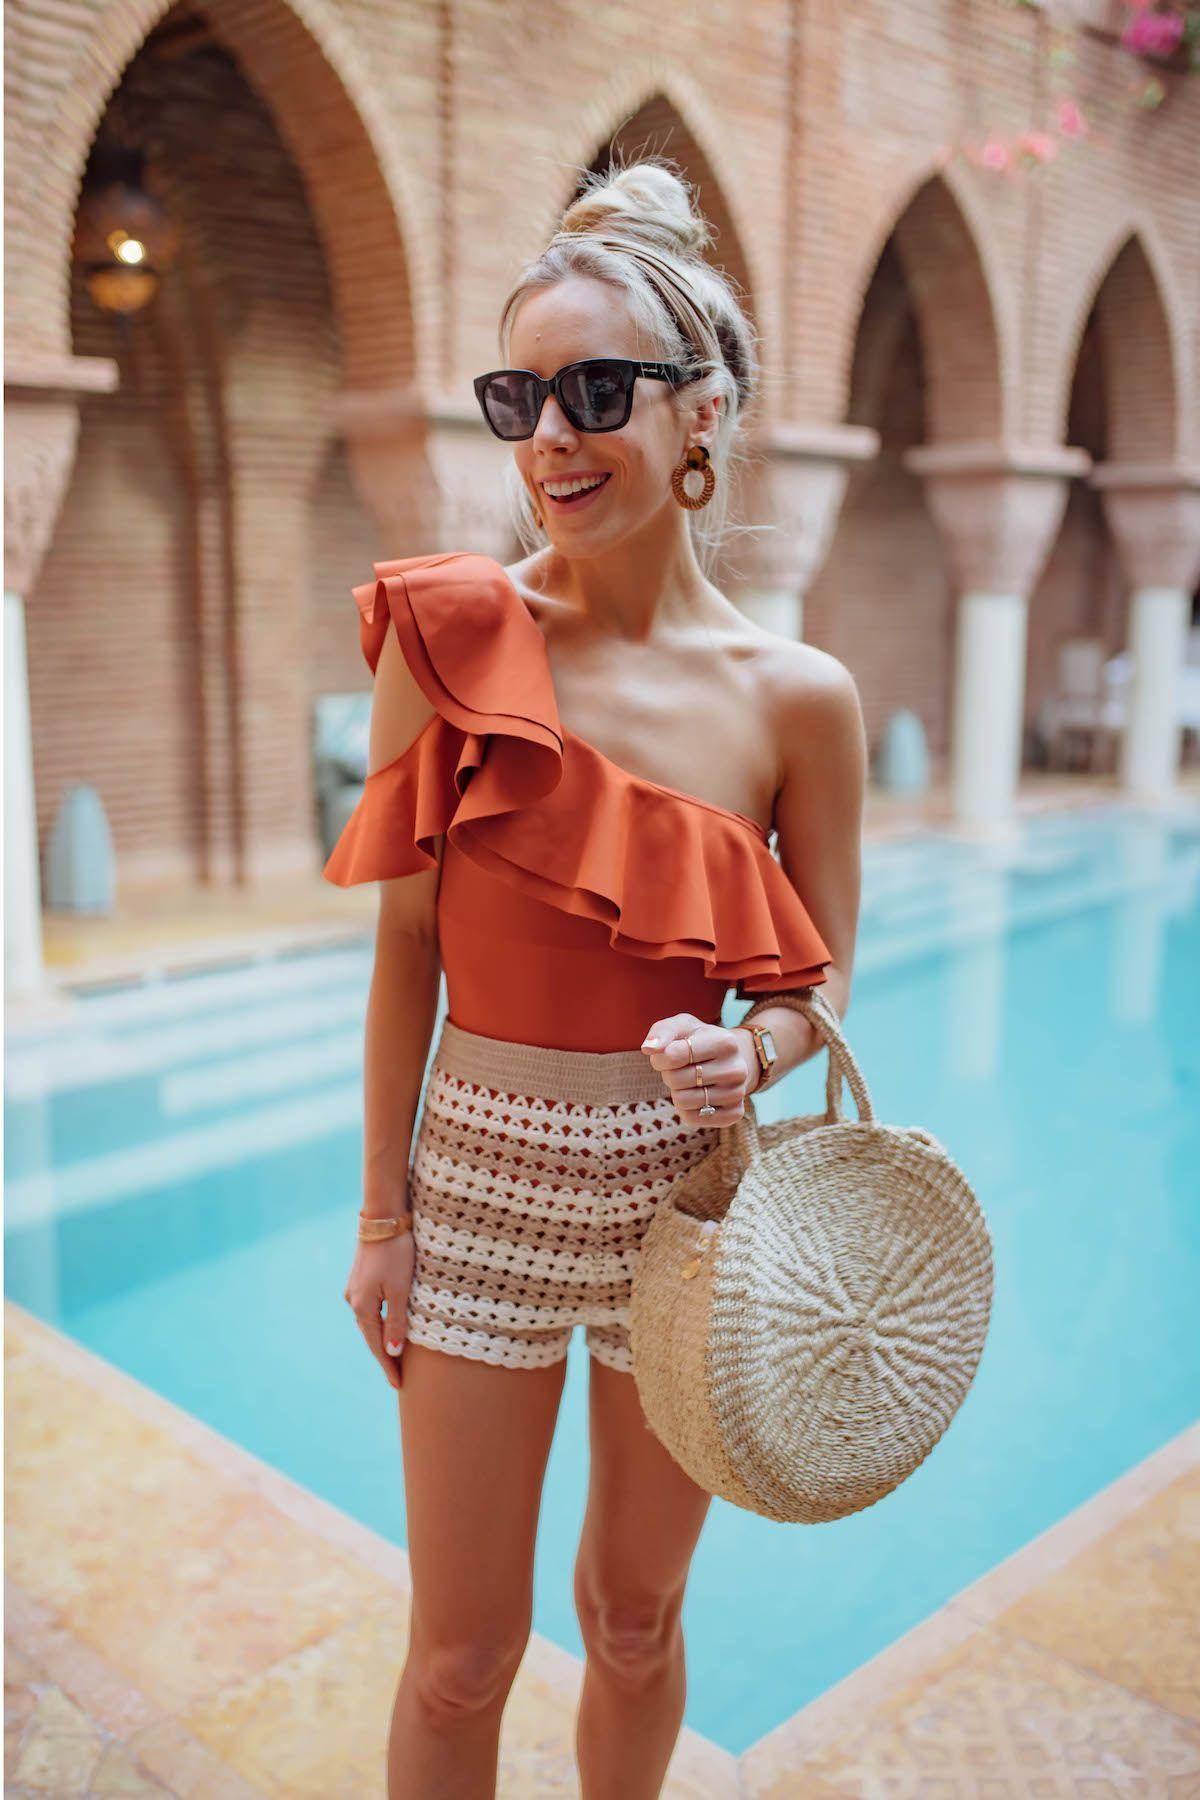 Cara Mengenakan Baju Renang yang Menarik